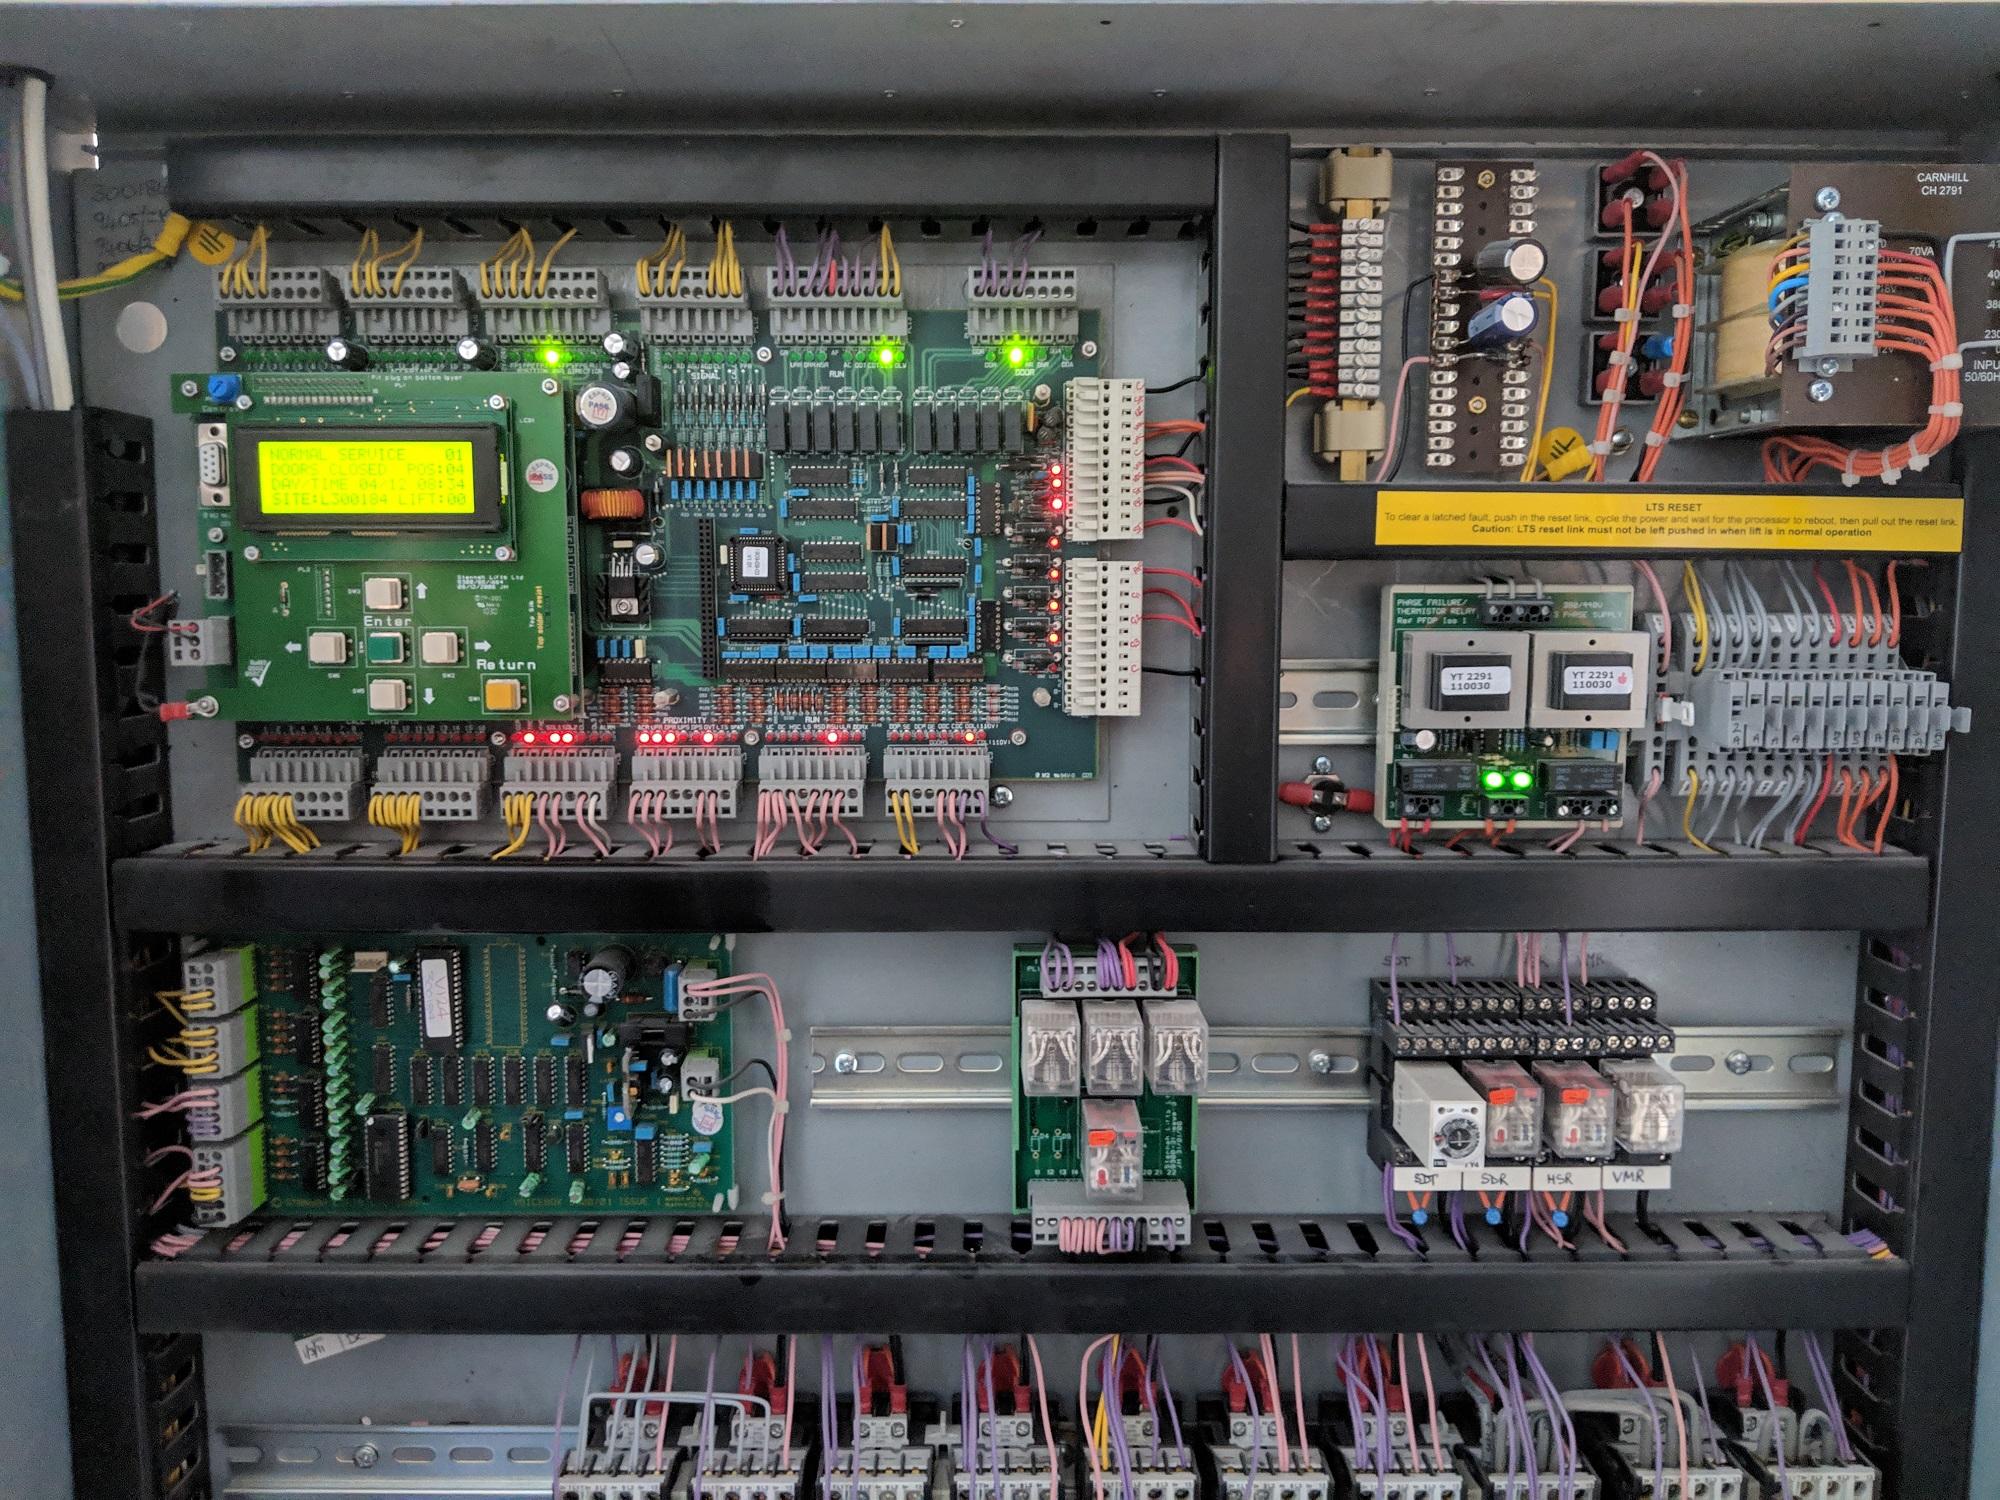 Stannah controller